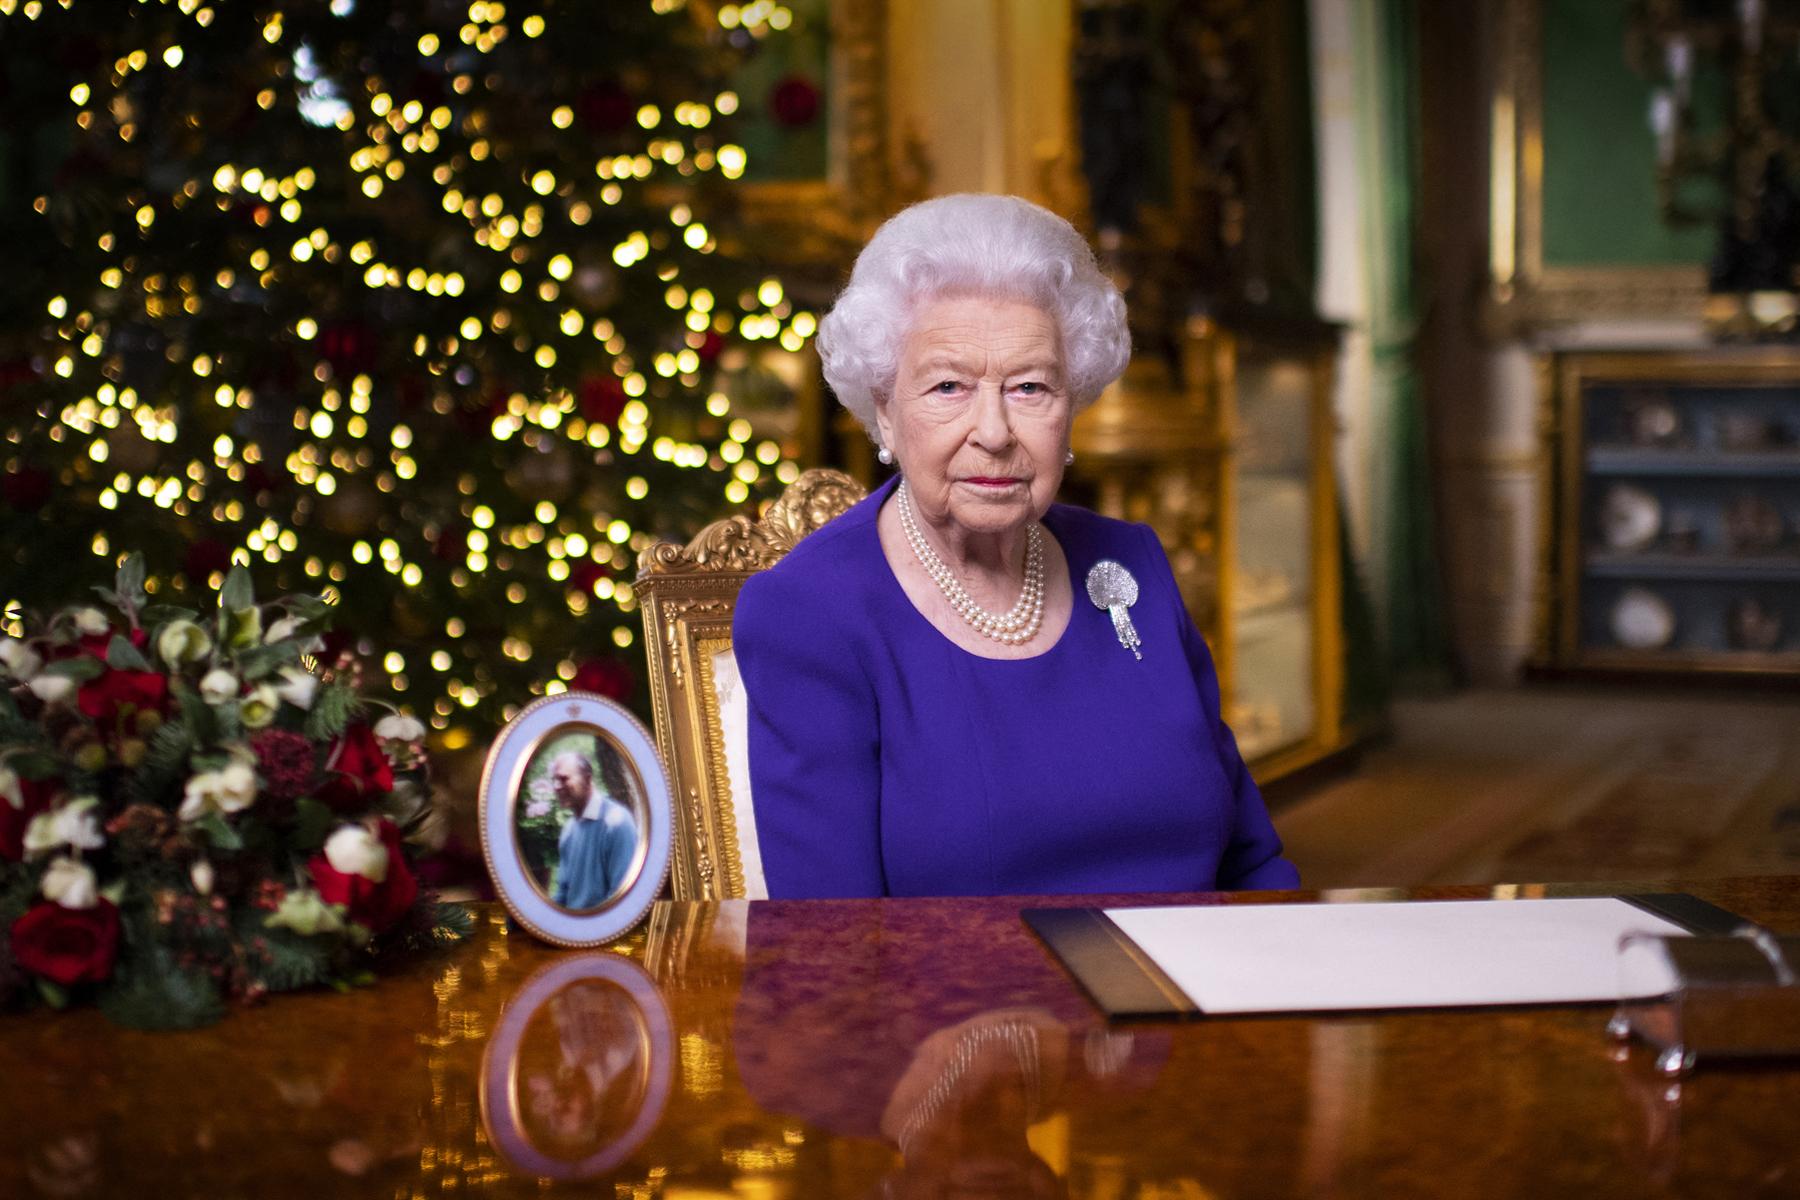 A királynő mentességet lobbizott ki magának egy skót klímatörvény rendelkezései alól